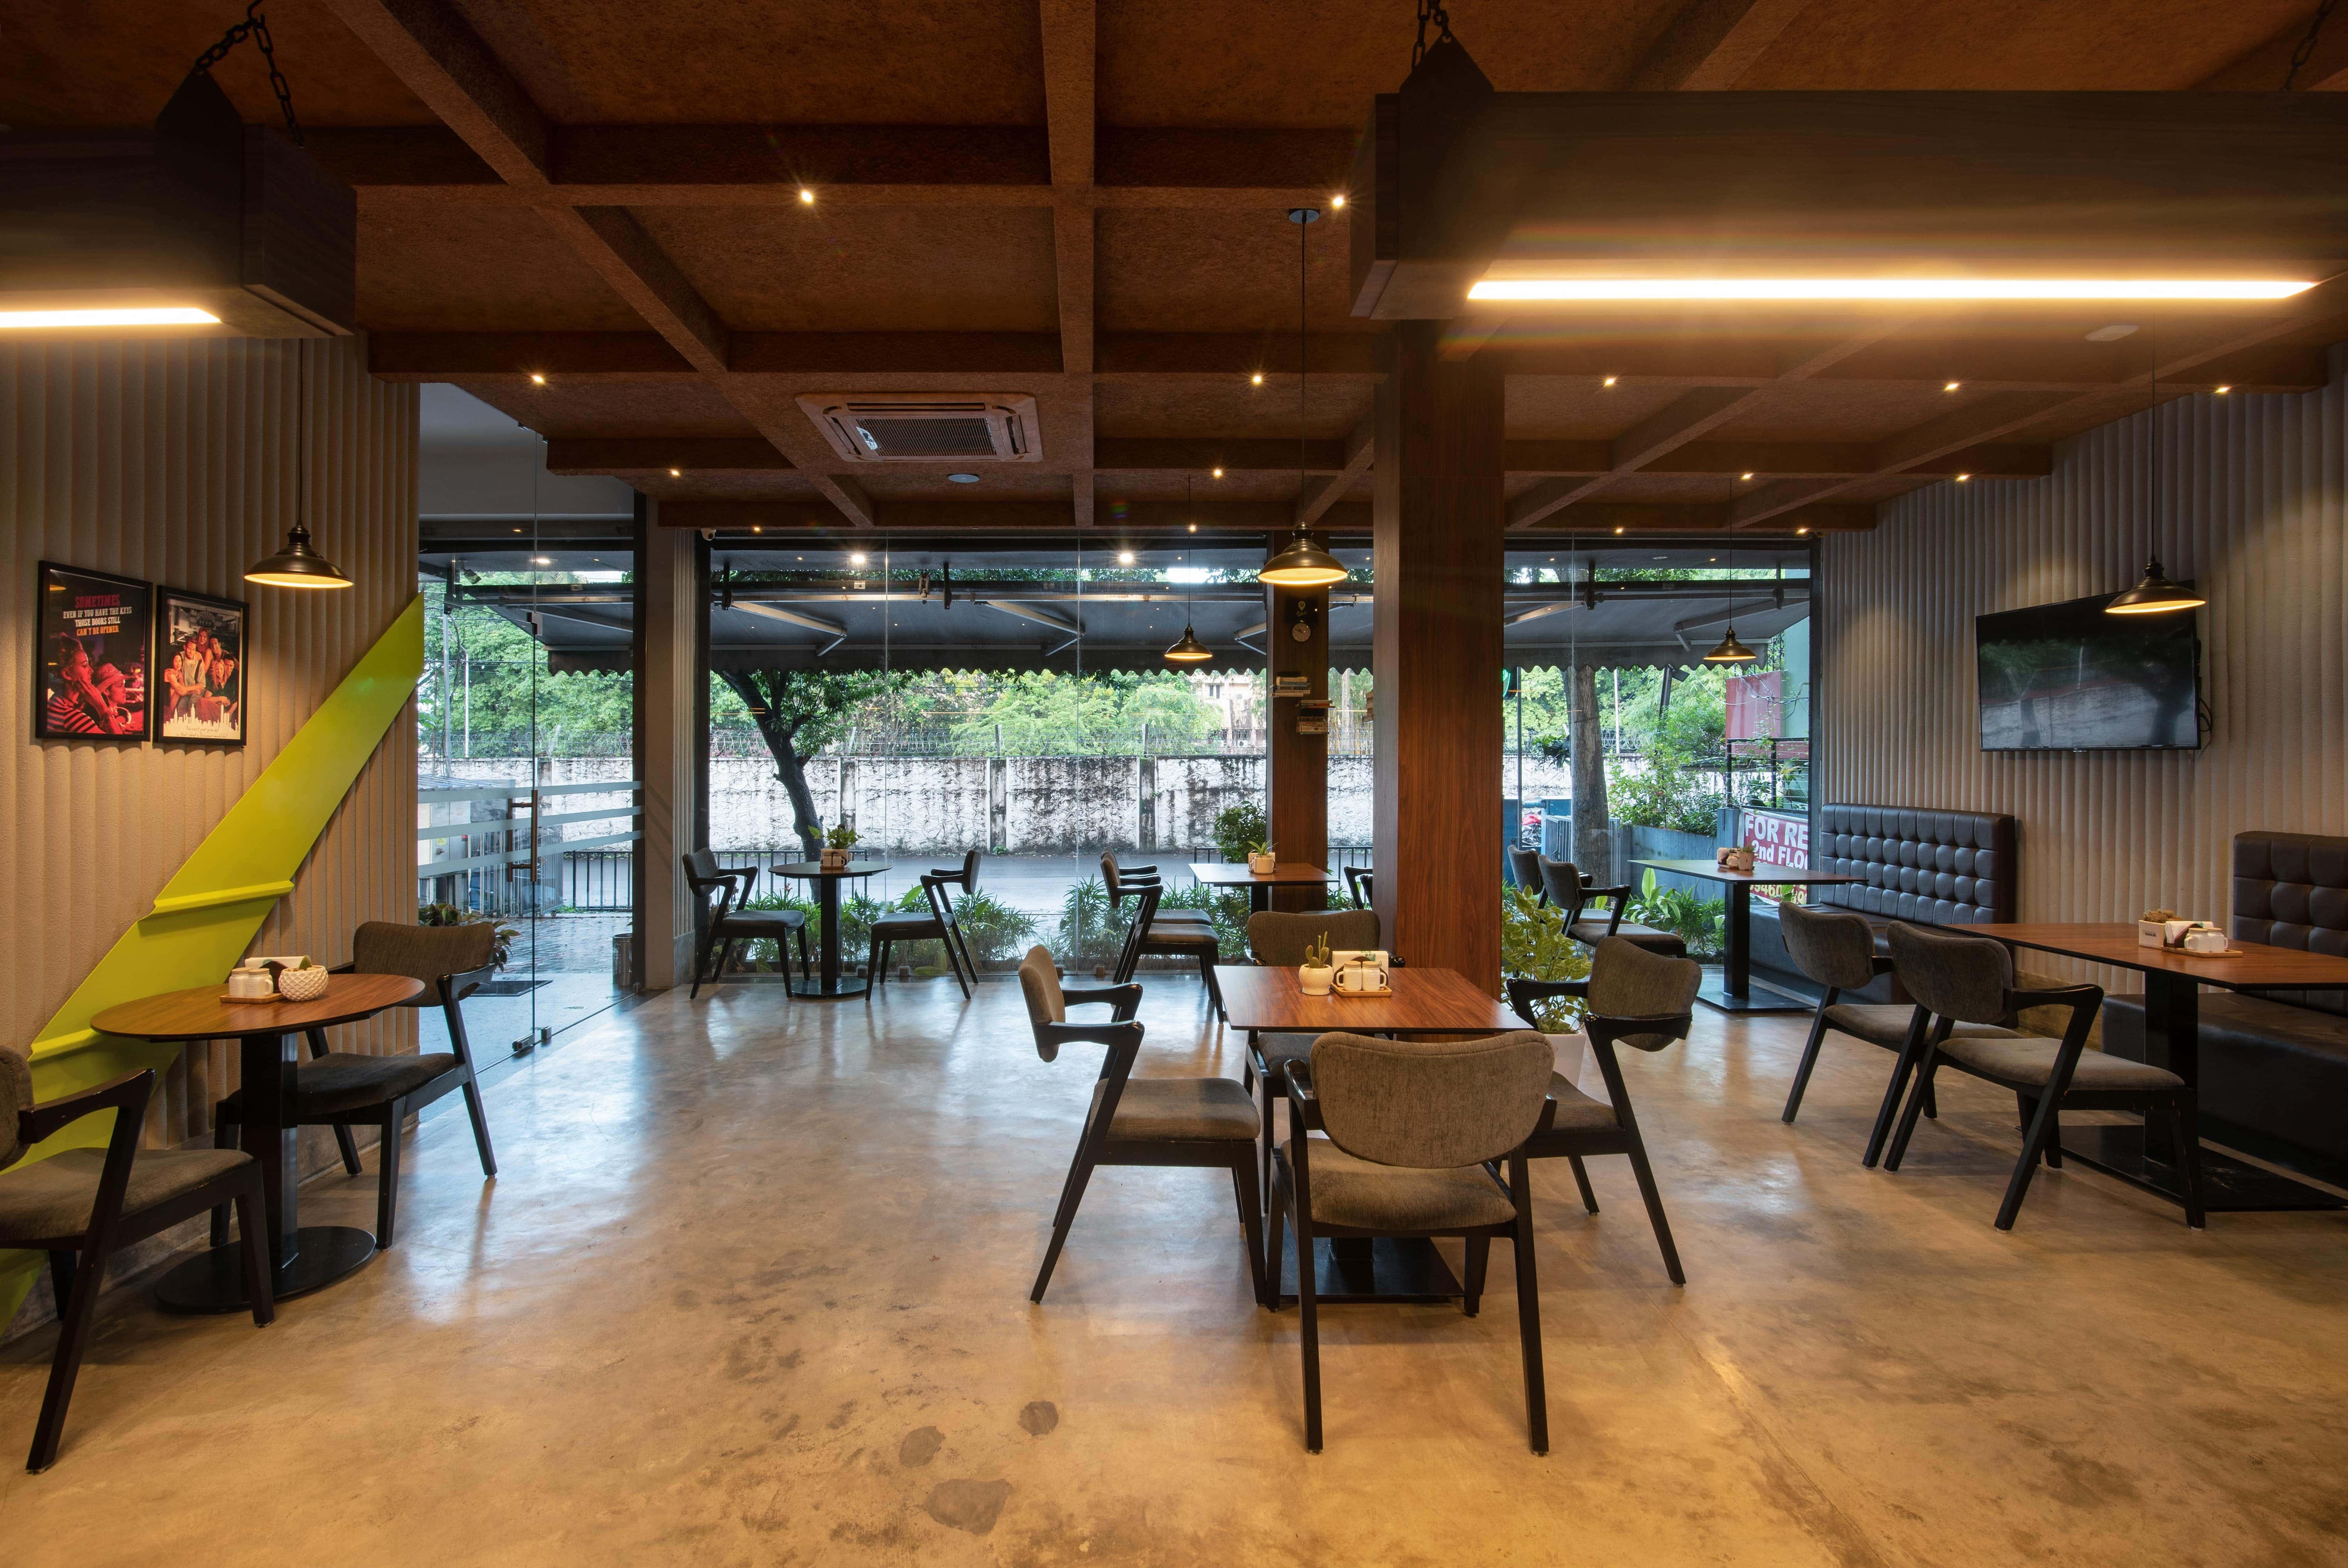 Café 17 by Ahanas Design 4 Space